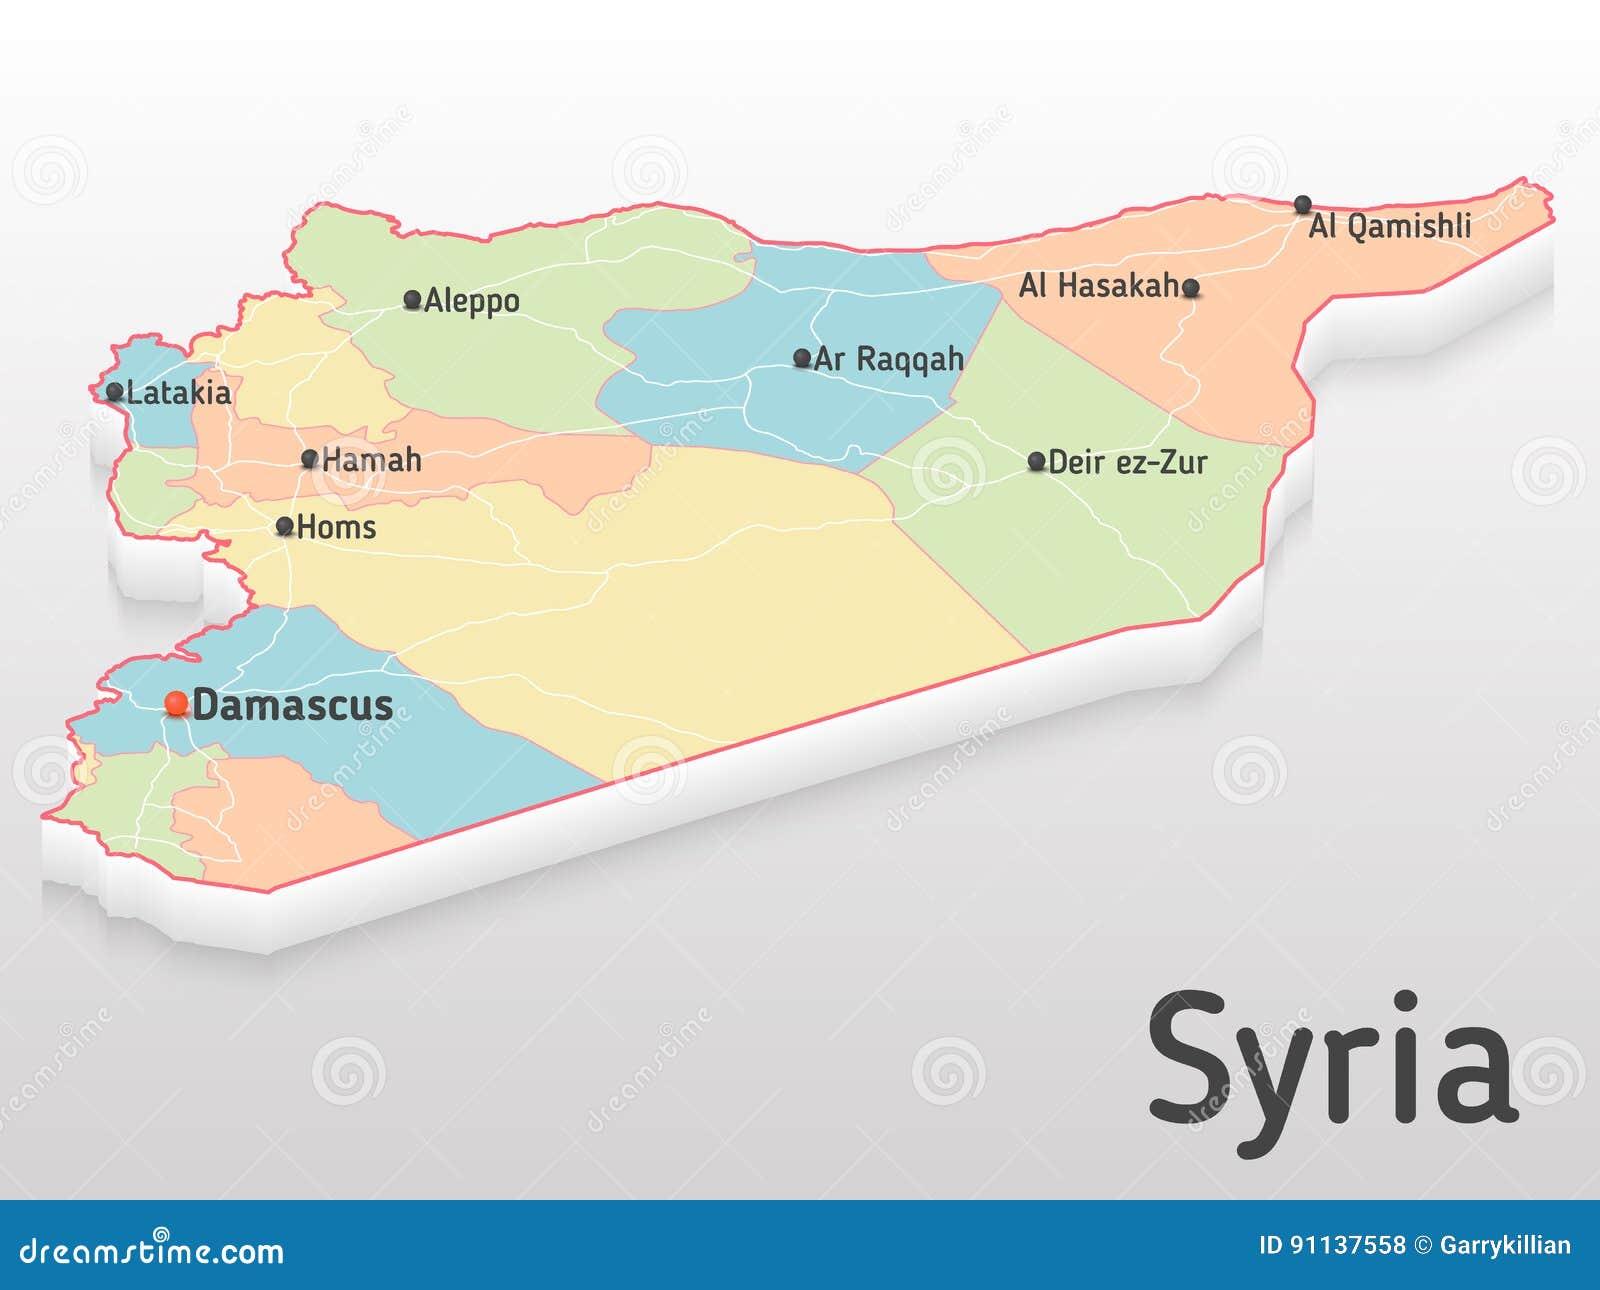 Syrien Karte Mit Städten.Syrien Karte 3d Mit Hauptstädten Und Governorates Volumetrische